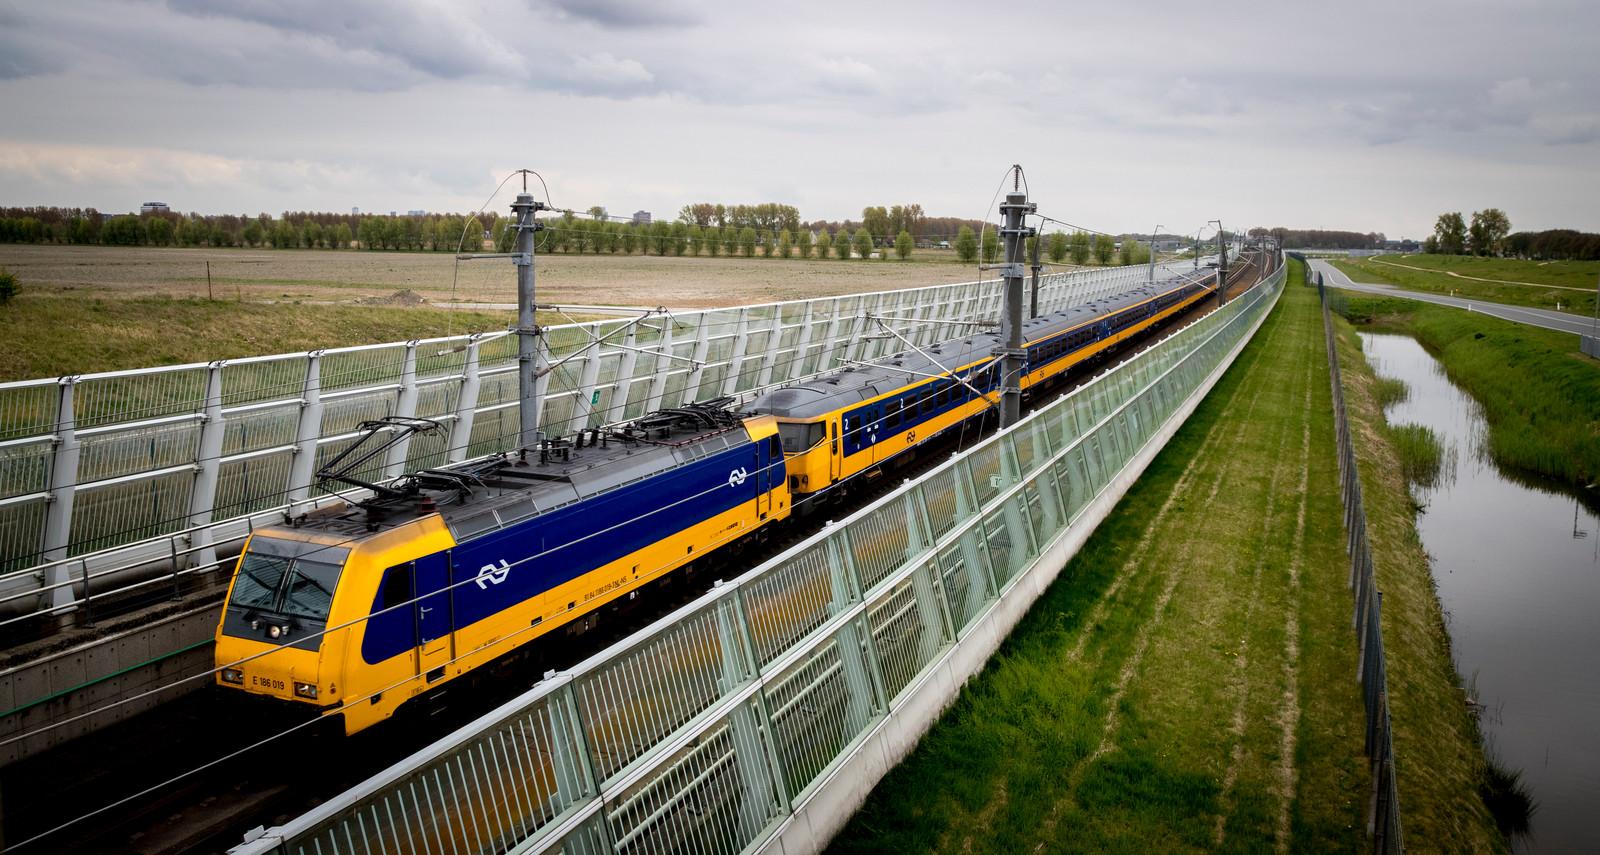 De NS-treinen die op de HSL rijden behoren al jarenlang tot de slechtst presterende op het Nederlandse spoornet.